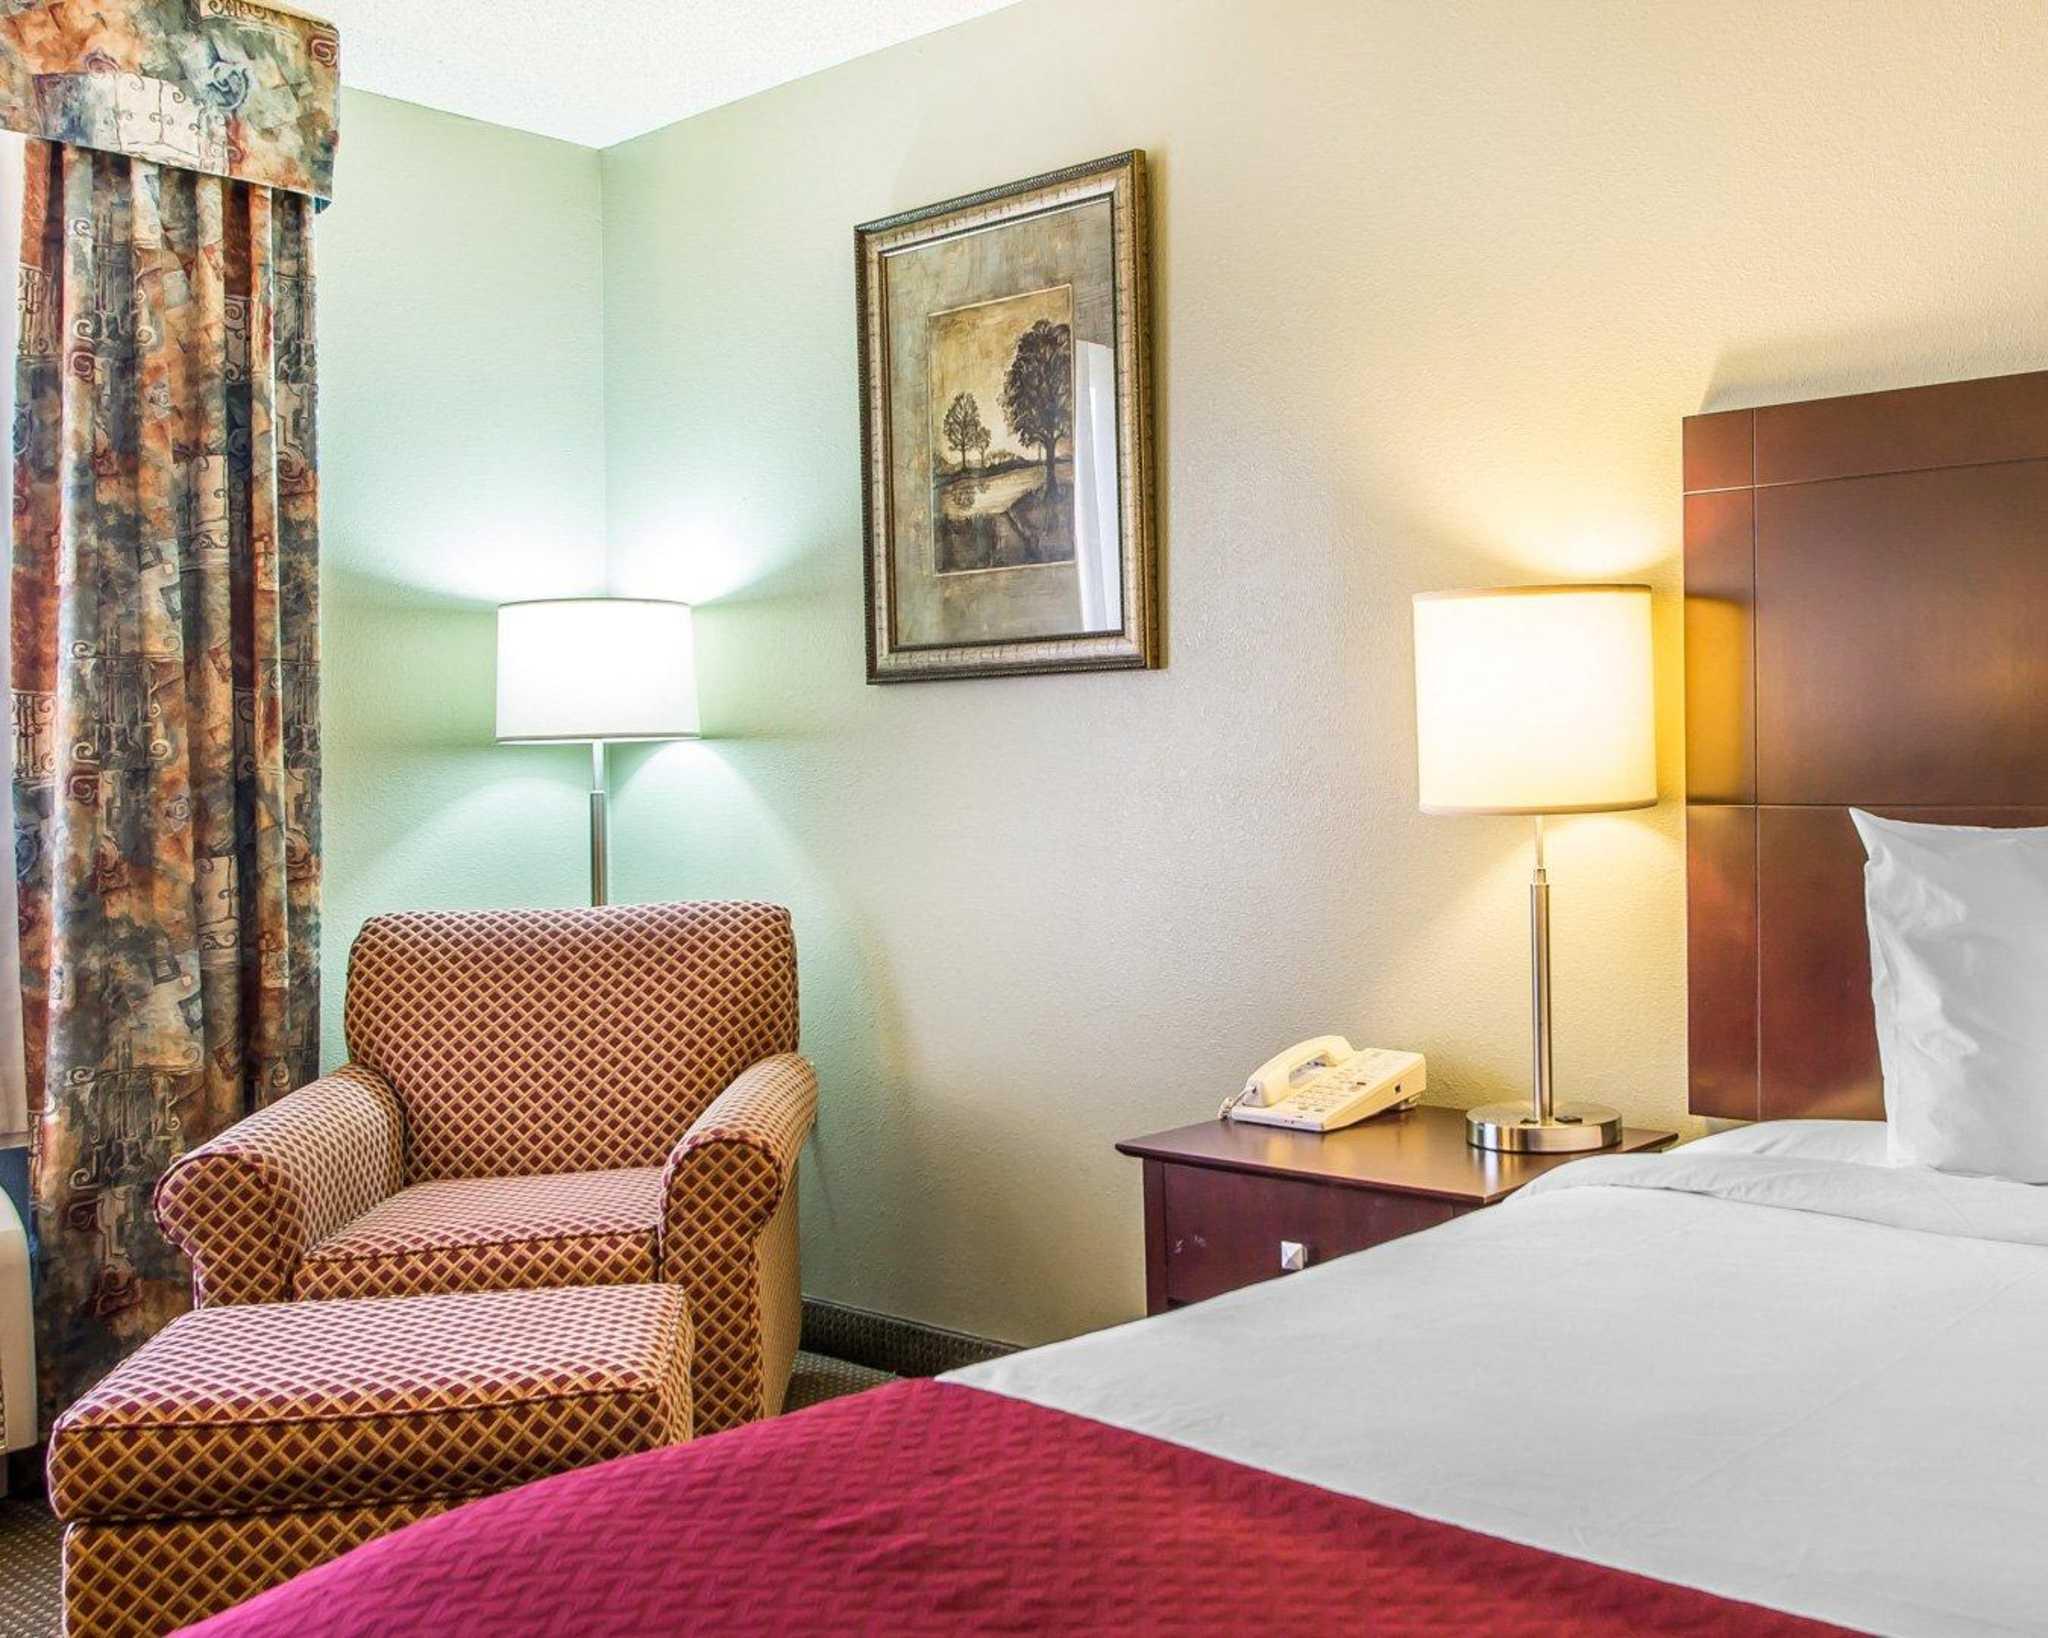 Quality Inn St. Robert - Ft. Leonard Wood image 7